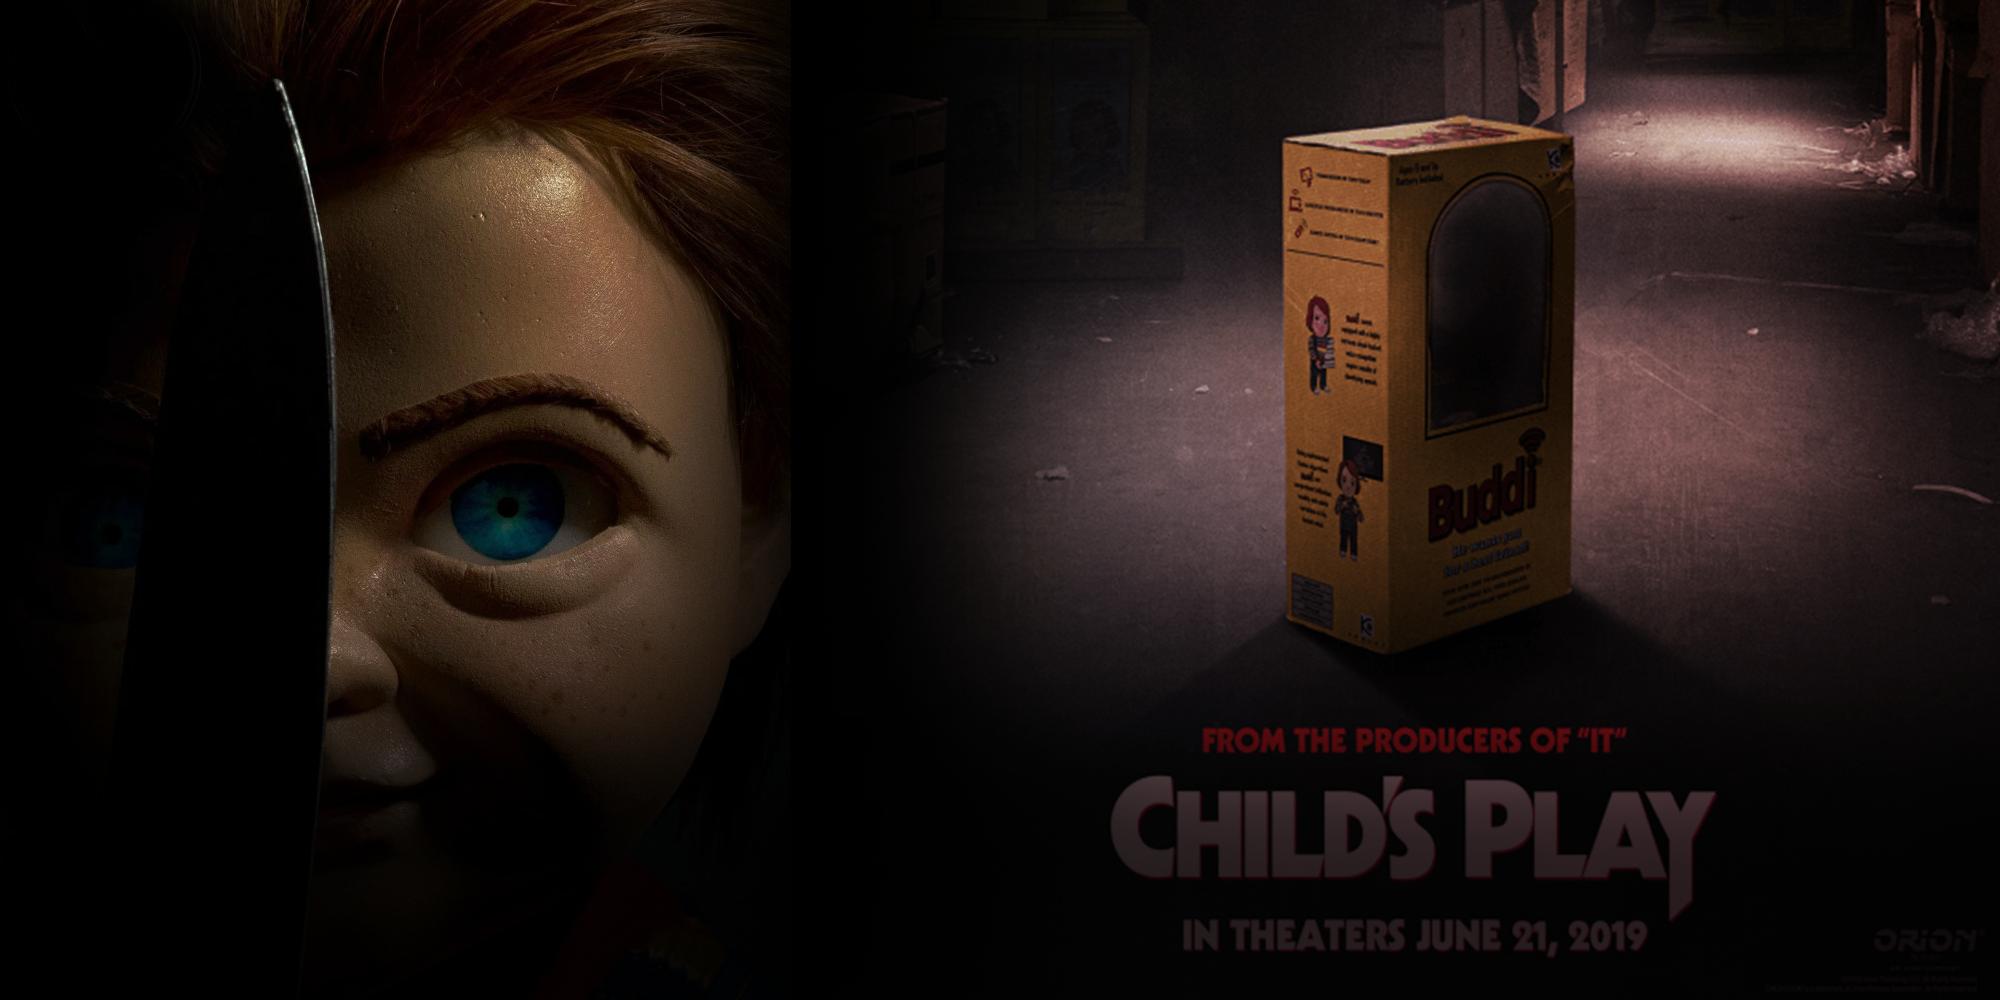 Brinquedo Assassino 2019: Conheça a história do filme